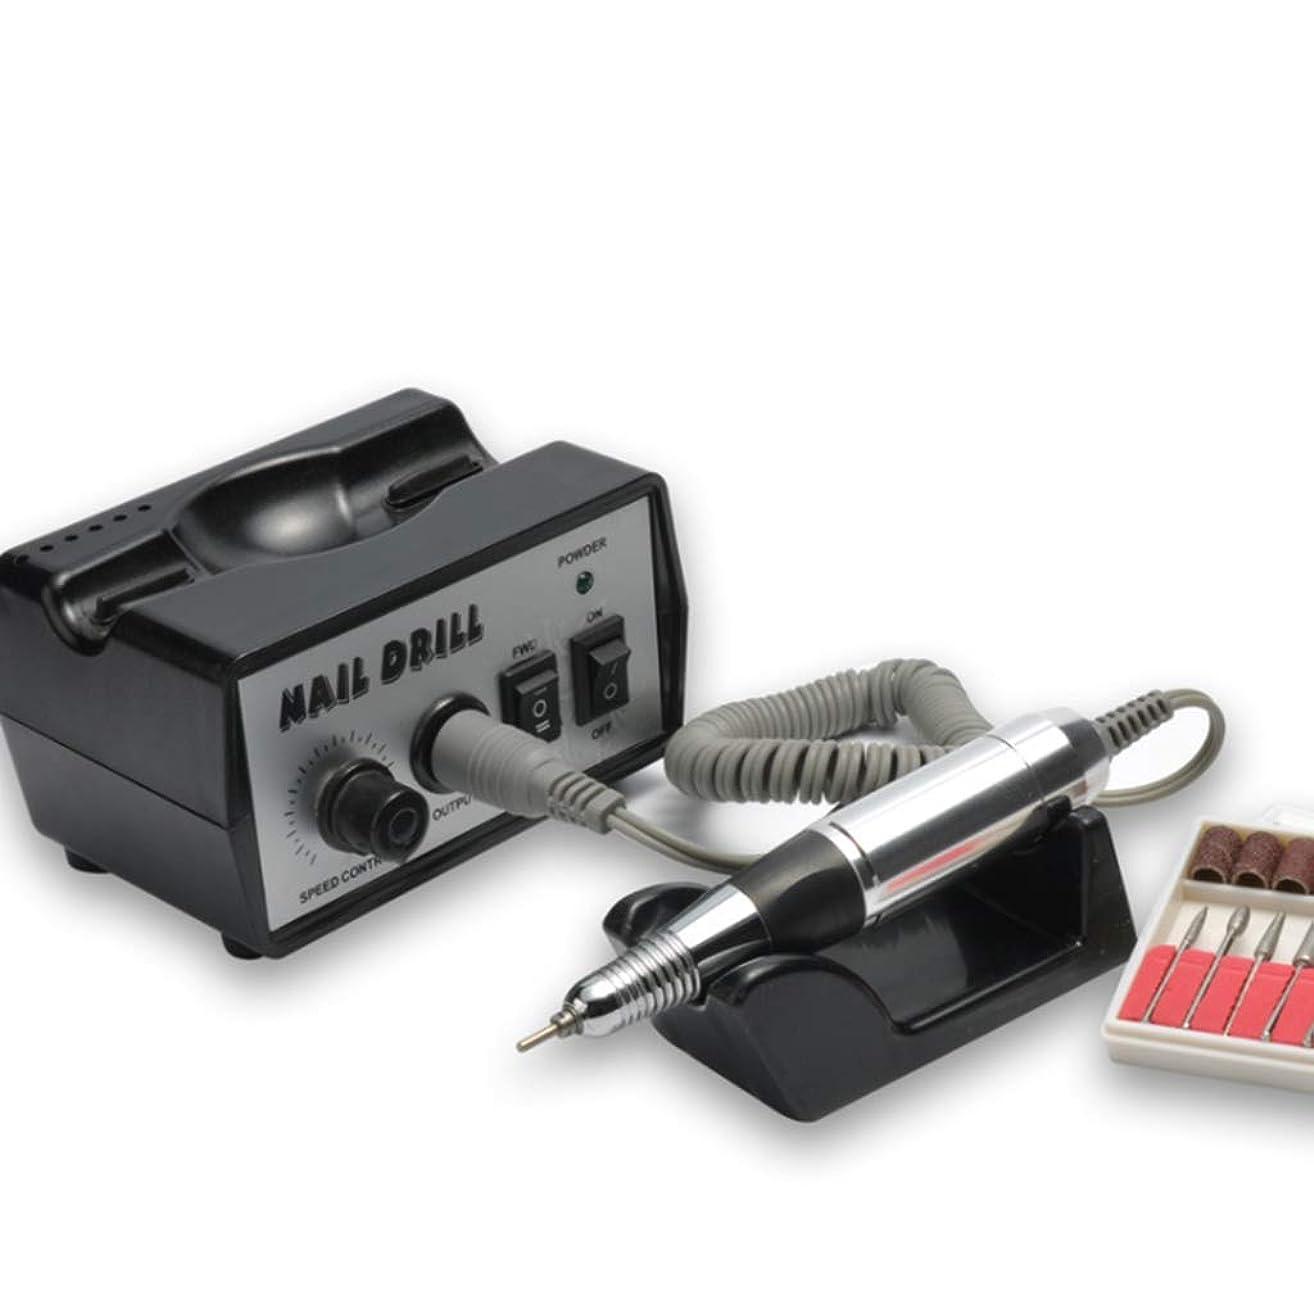 迫害する昼寝少なくともネイルマシン 卓上式 電動 プロ セルフ 正逆回転 ジェルネイルオフ ネイルケア道具 ネイルドリル ネイルマシーン 爪手入れツール 2.5万回転/分,Black